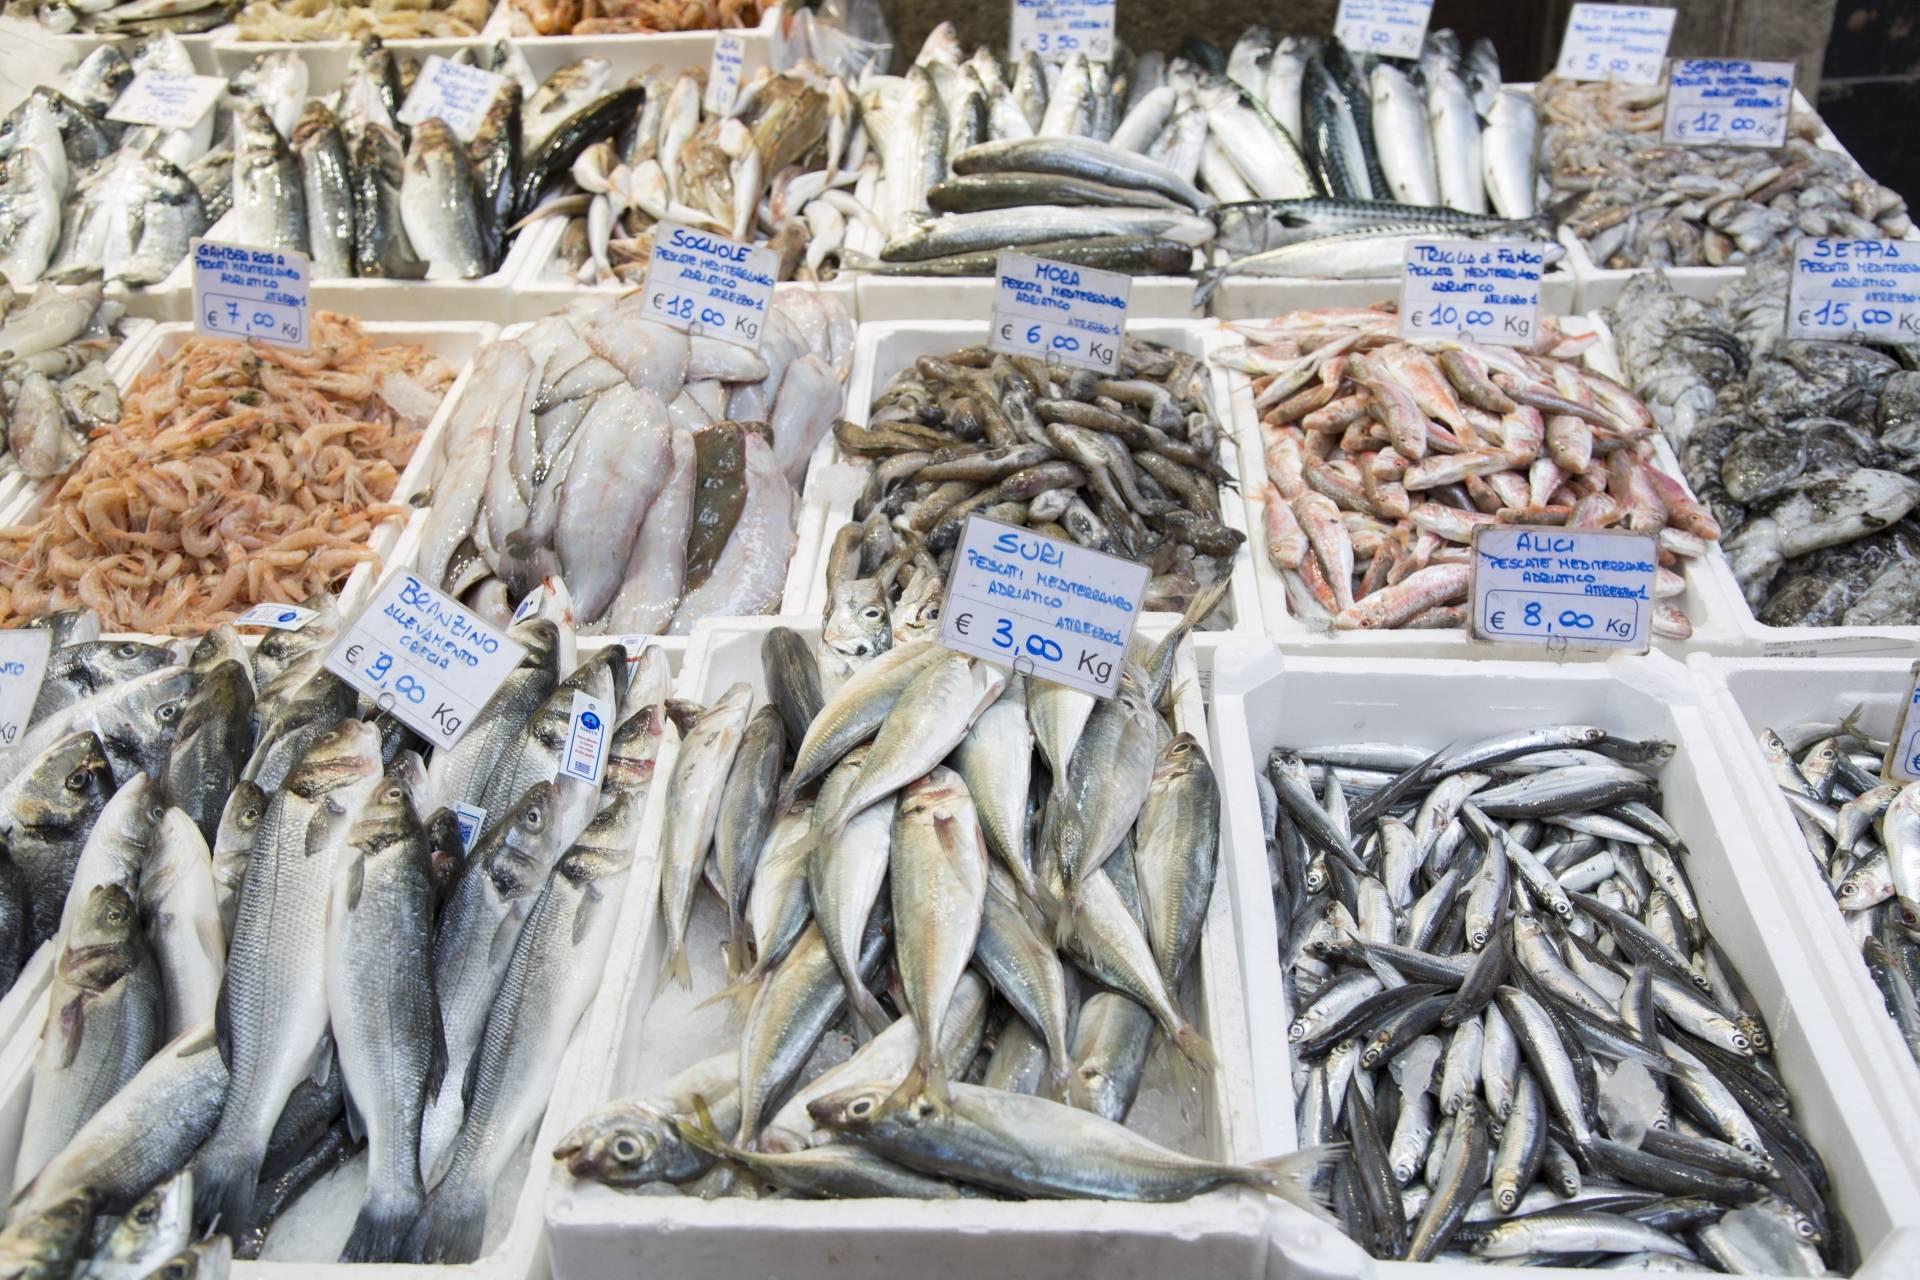 Gdzie znaleźć dobrą rybę? Na targu rybnym czy w supermarkecie? Czym się kierować przy wyborze?